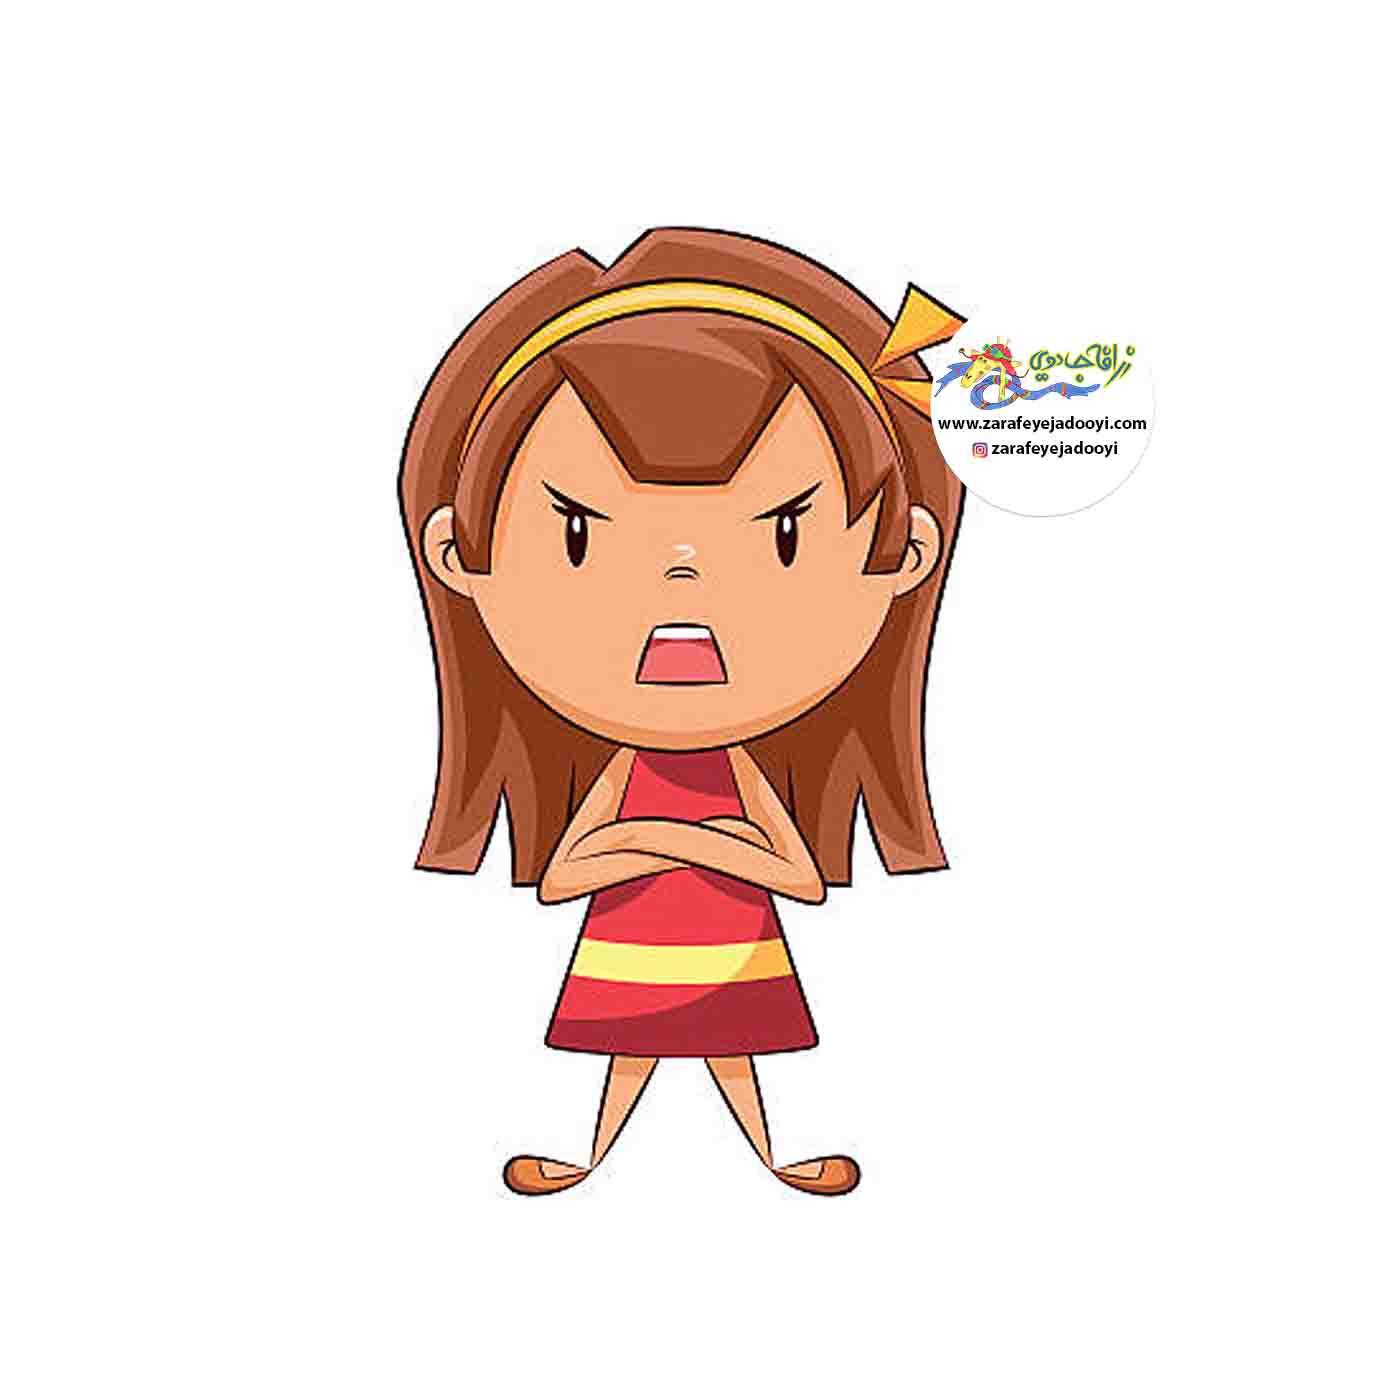 زرافه جادویی - بازی هایی که خشم کودک را کنترل میکند